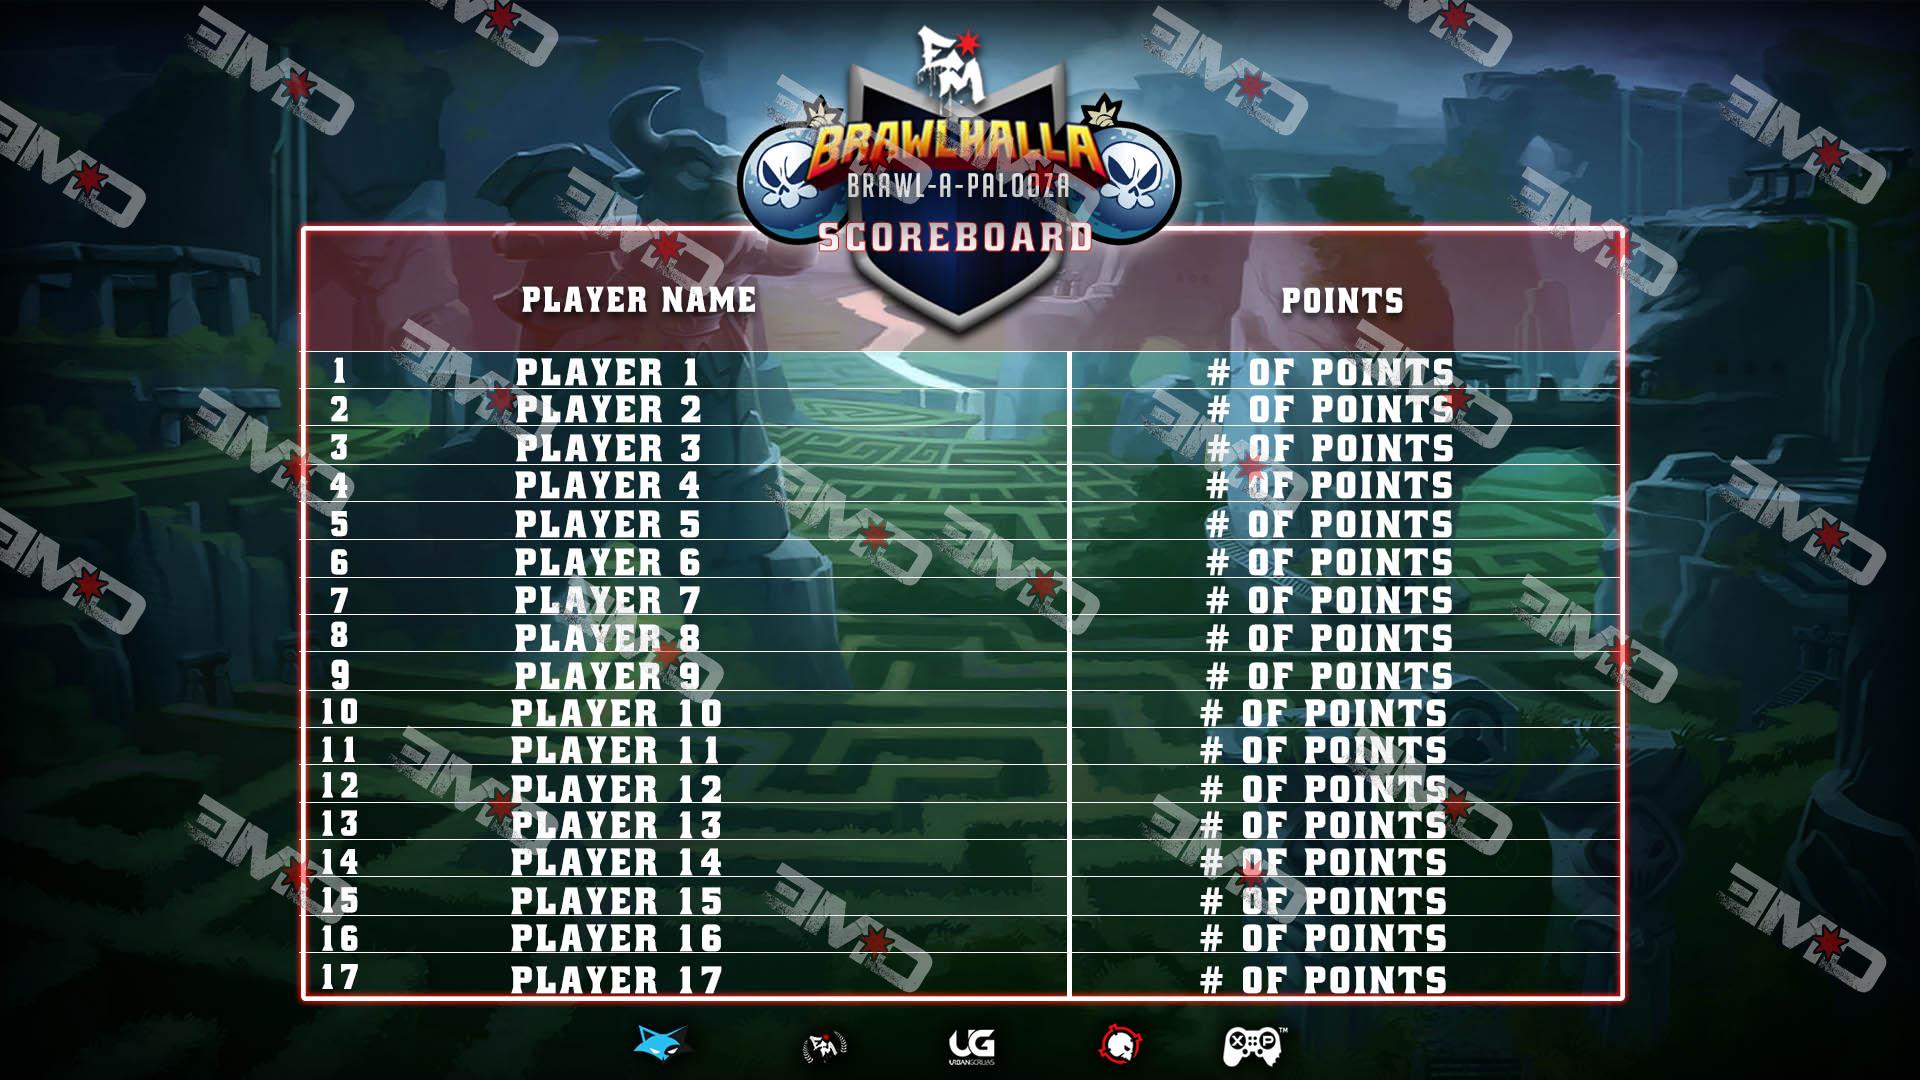 Brawlhalla_Scoreboard.png